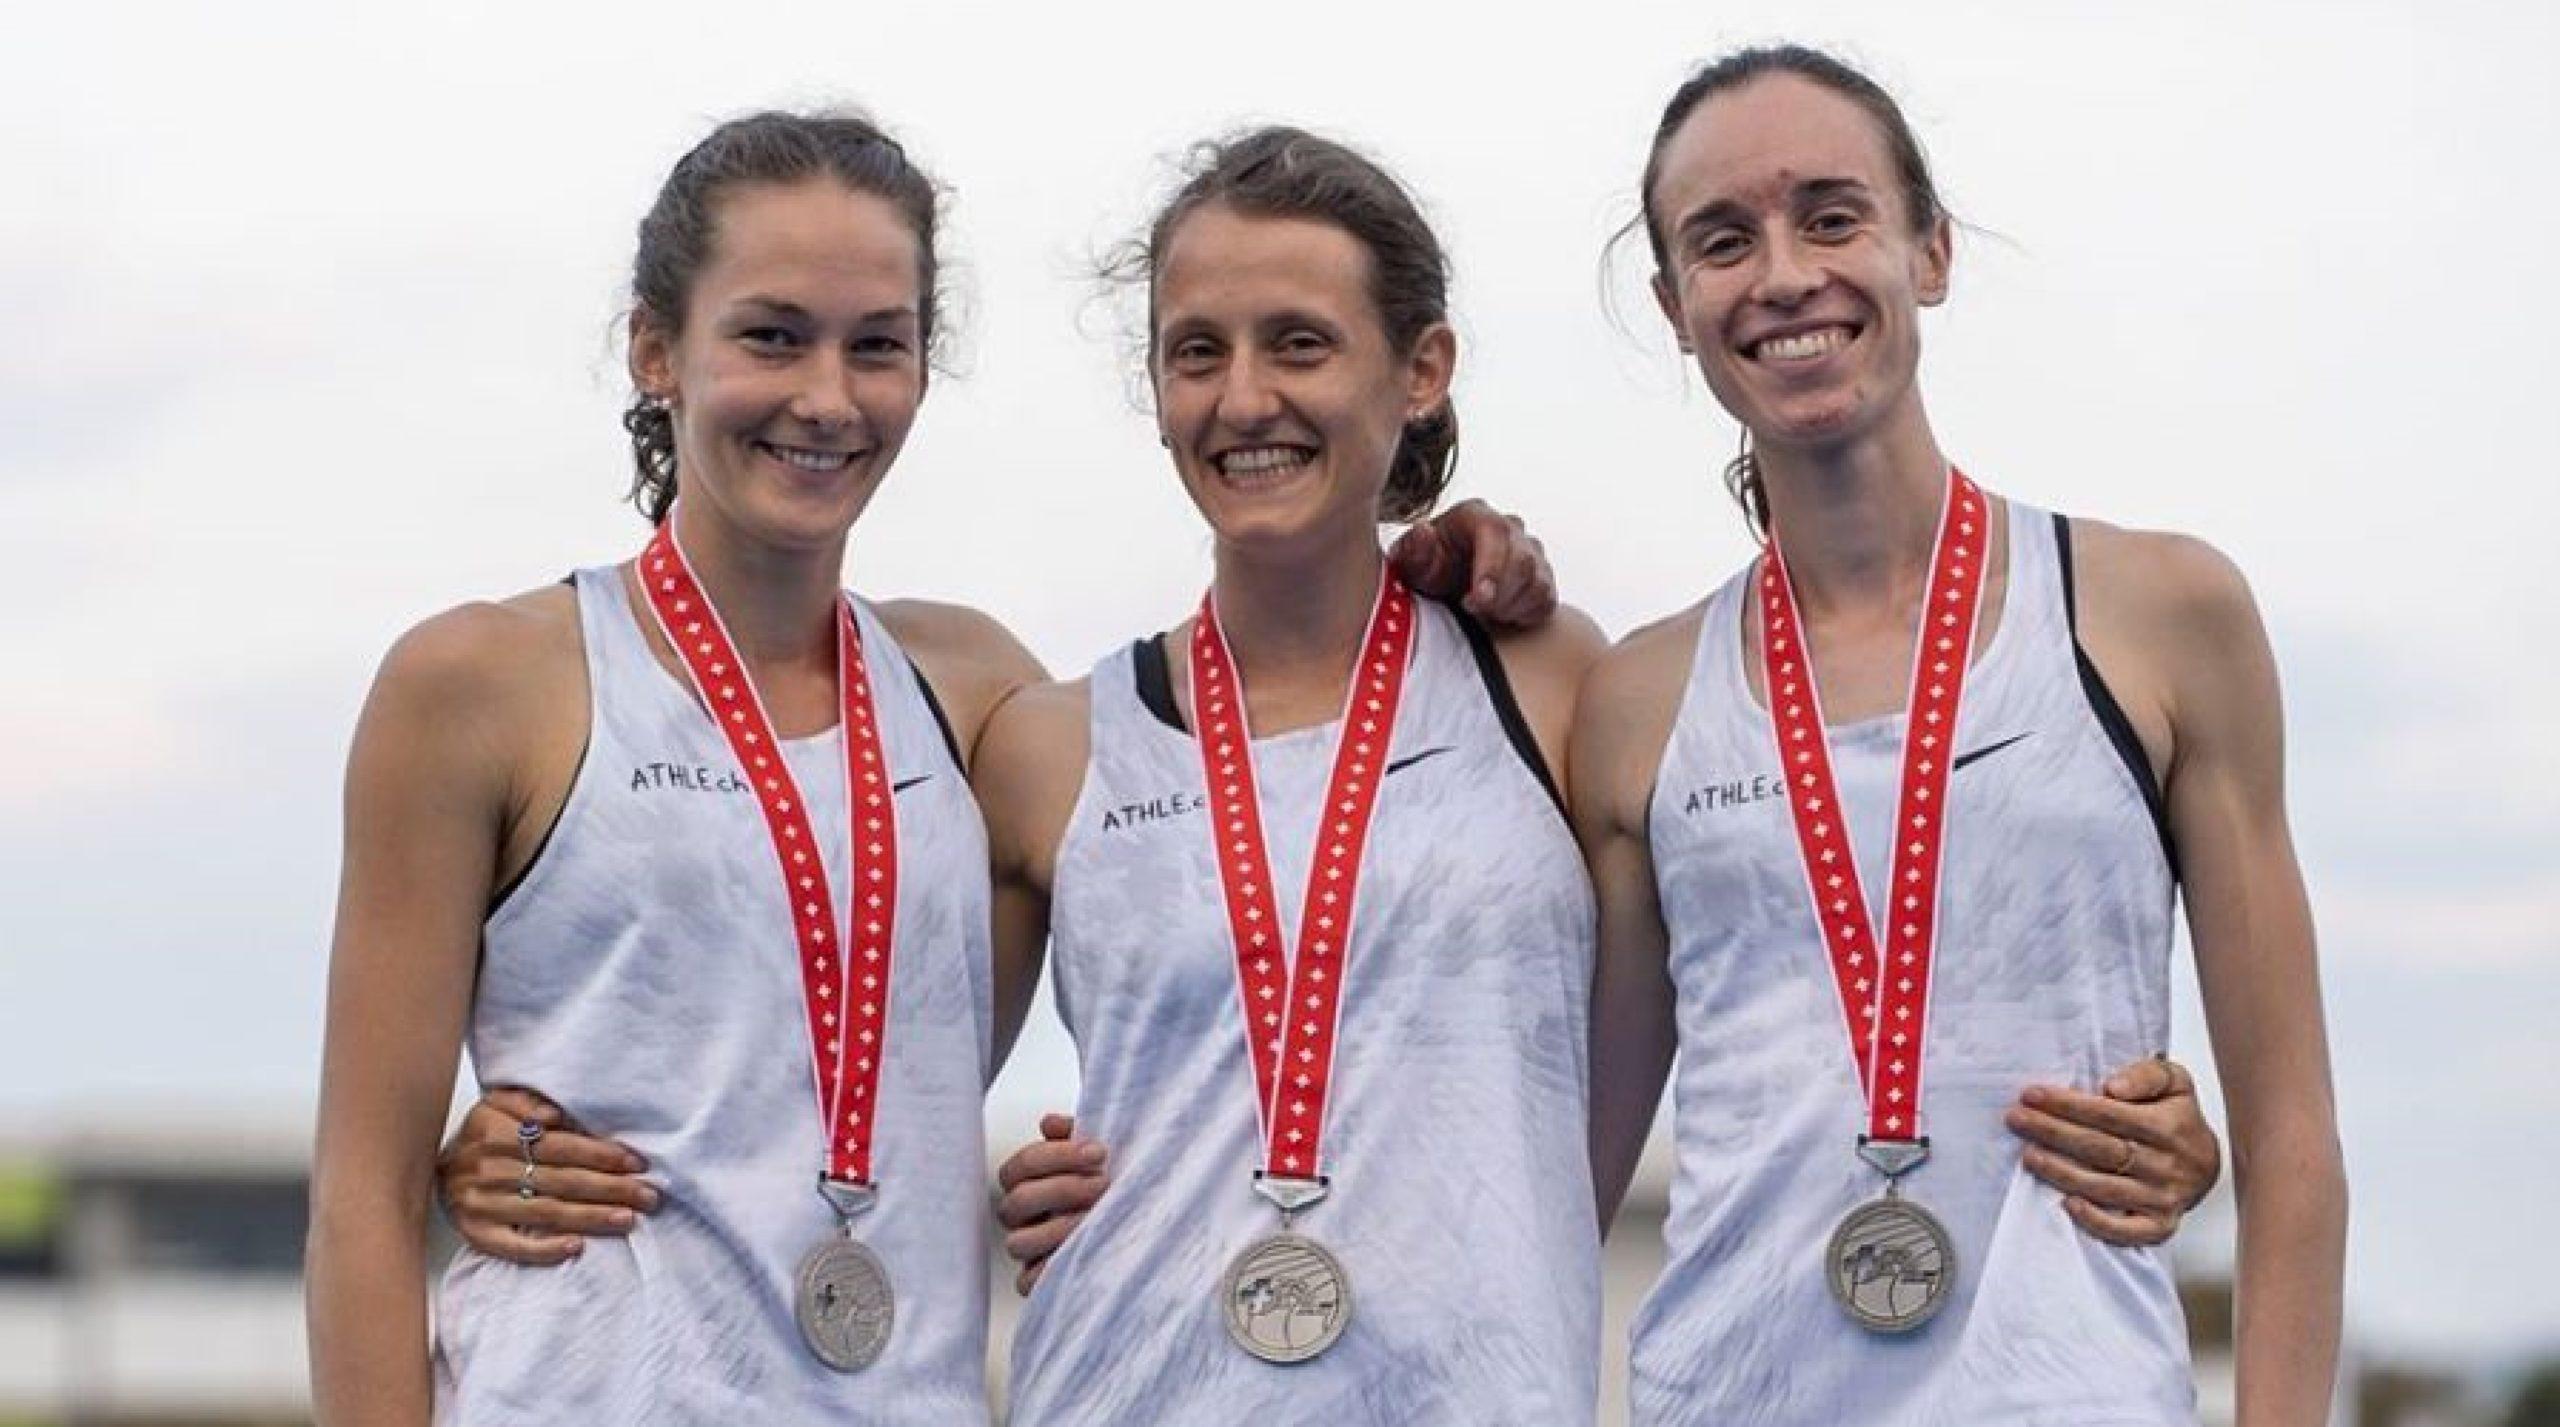 Championnats Suisses De Relais A Zoug Athle Ch